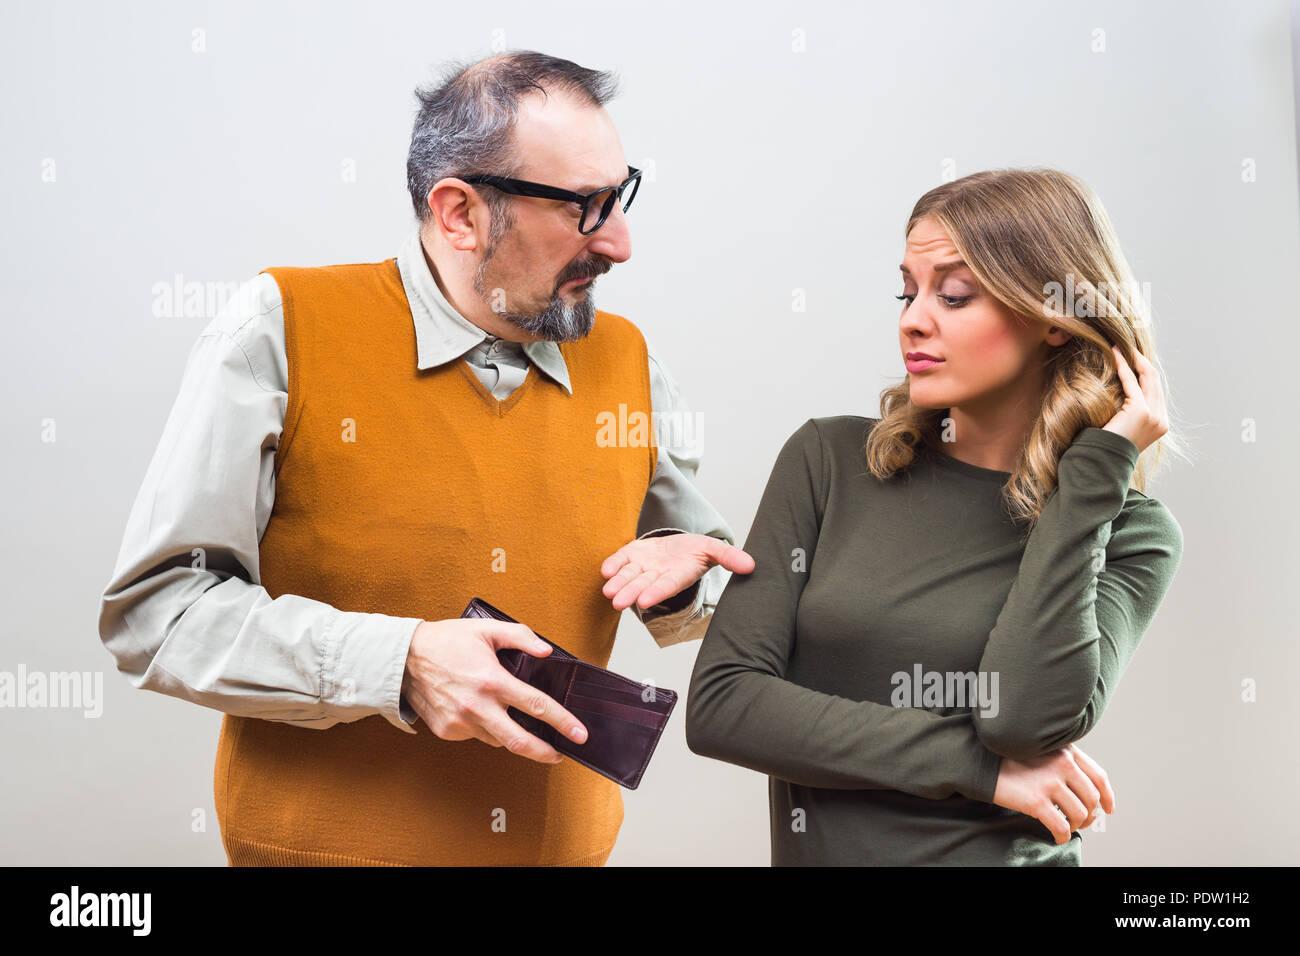 Hombre nerdy está mostrando a su bella esposa que no tiene más dinero y ella se siente decepcionado. Imagen De Stock